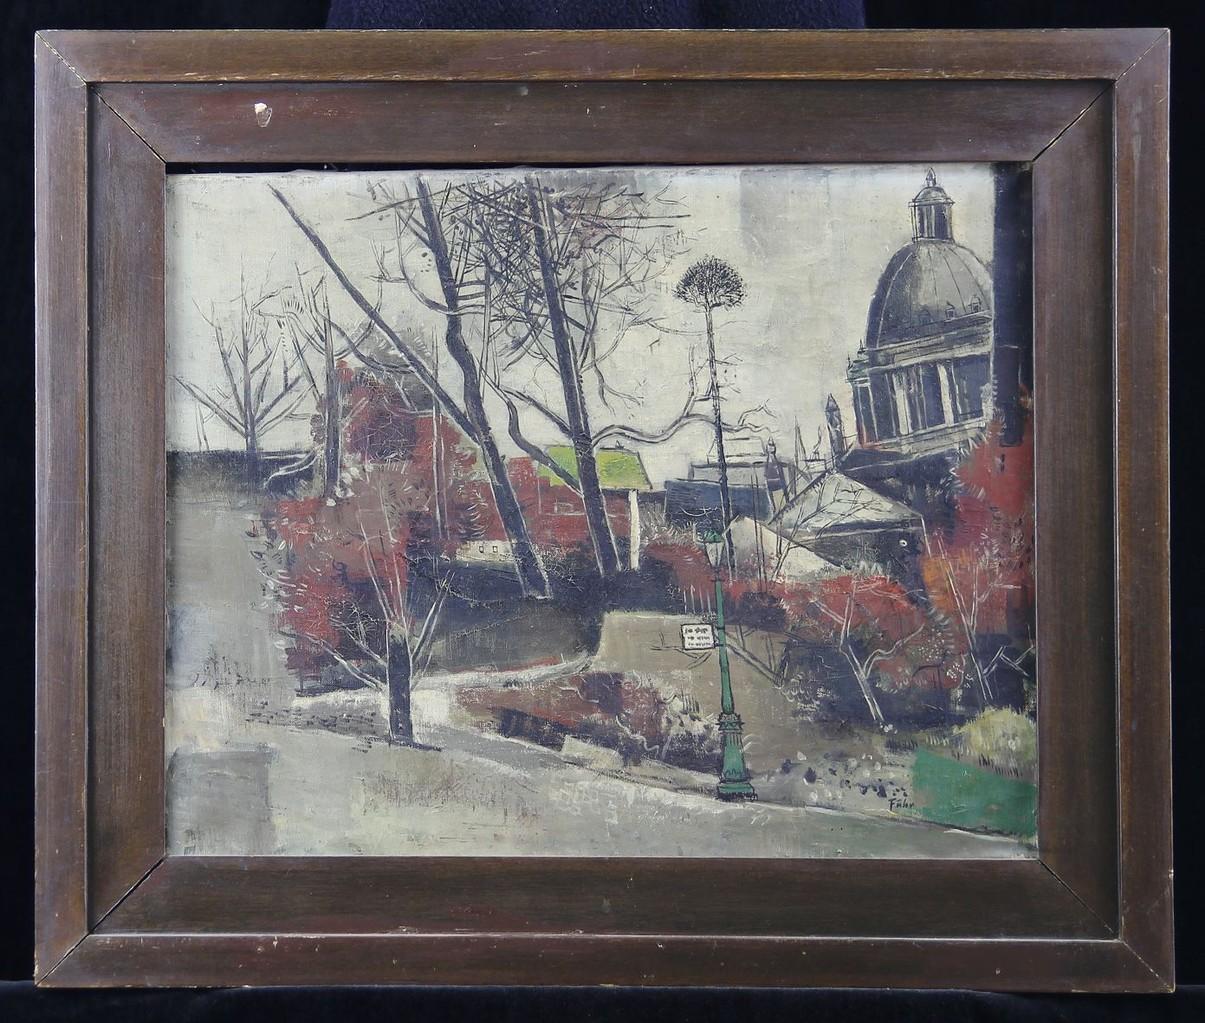 Xaver Fuhr 'Stadtansicht' ~1930